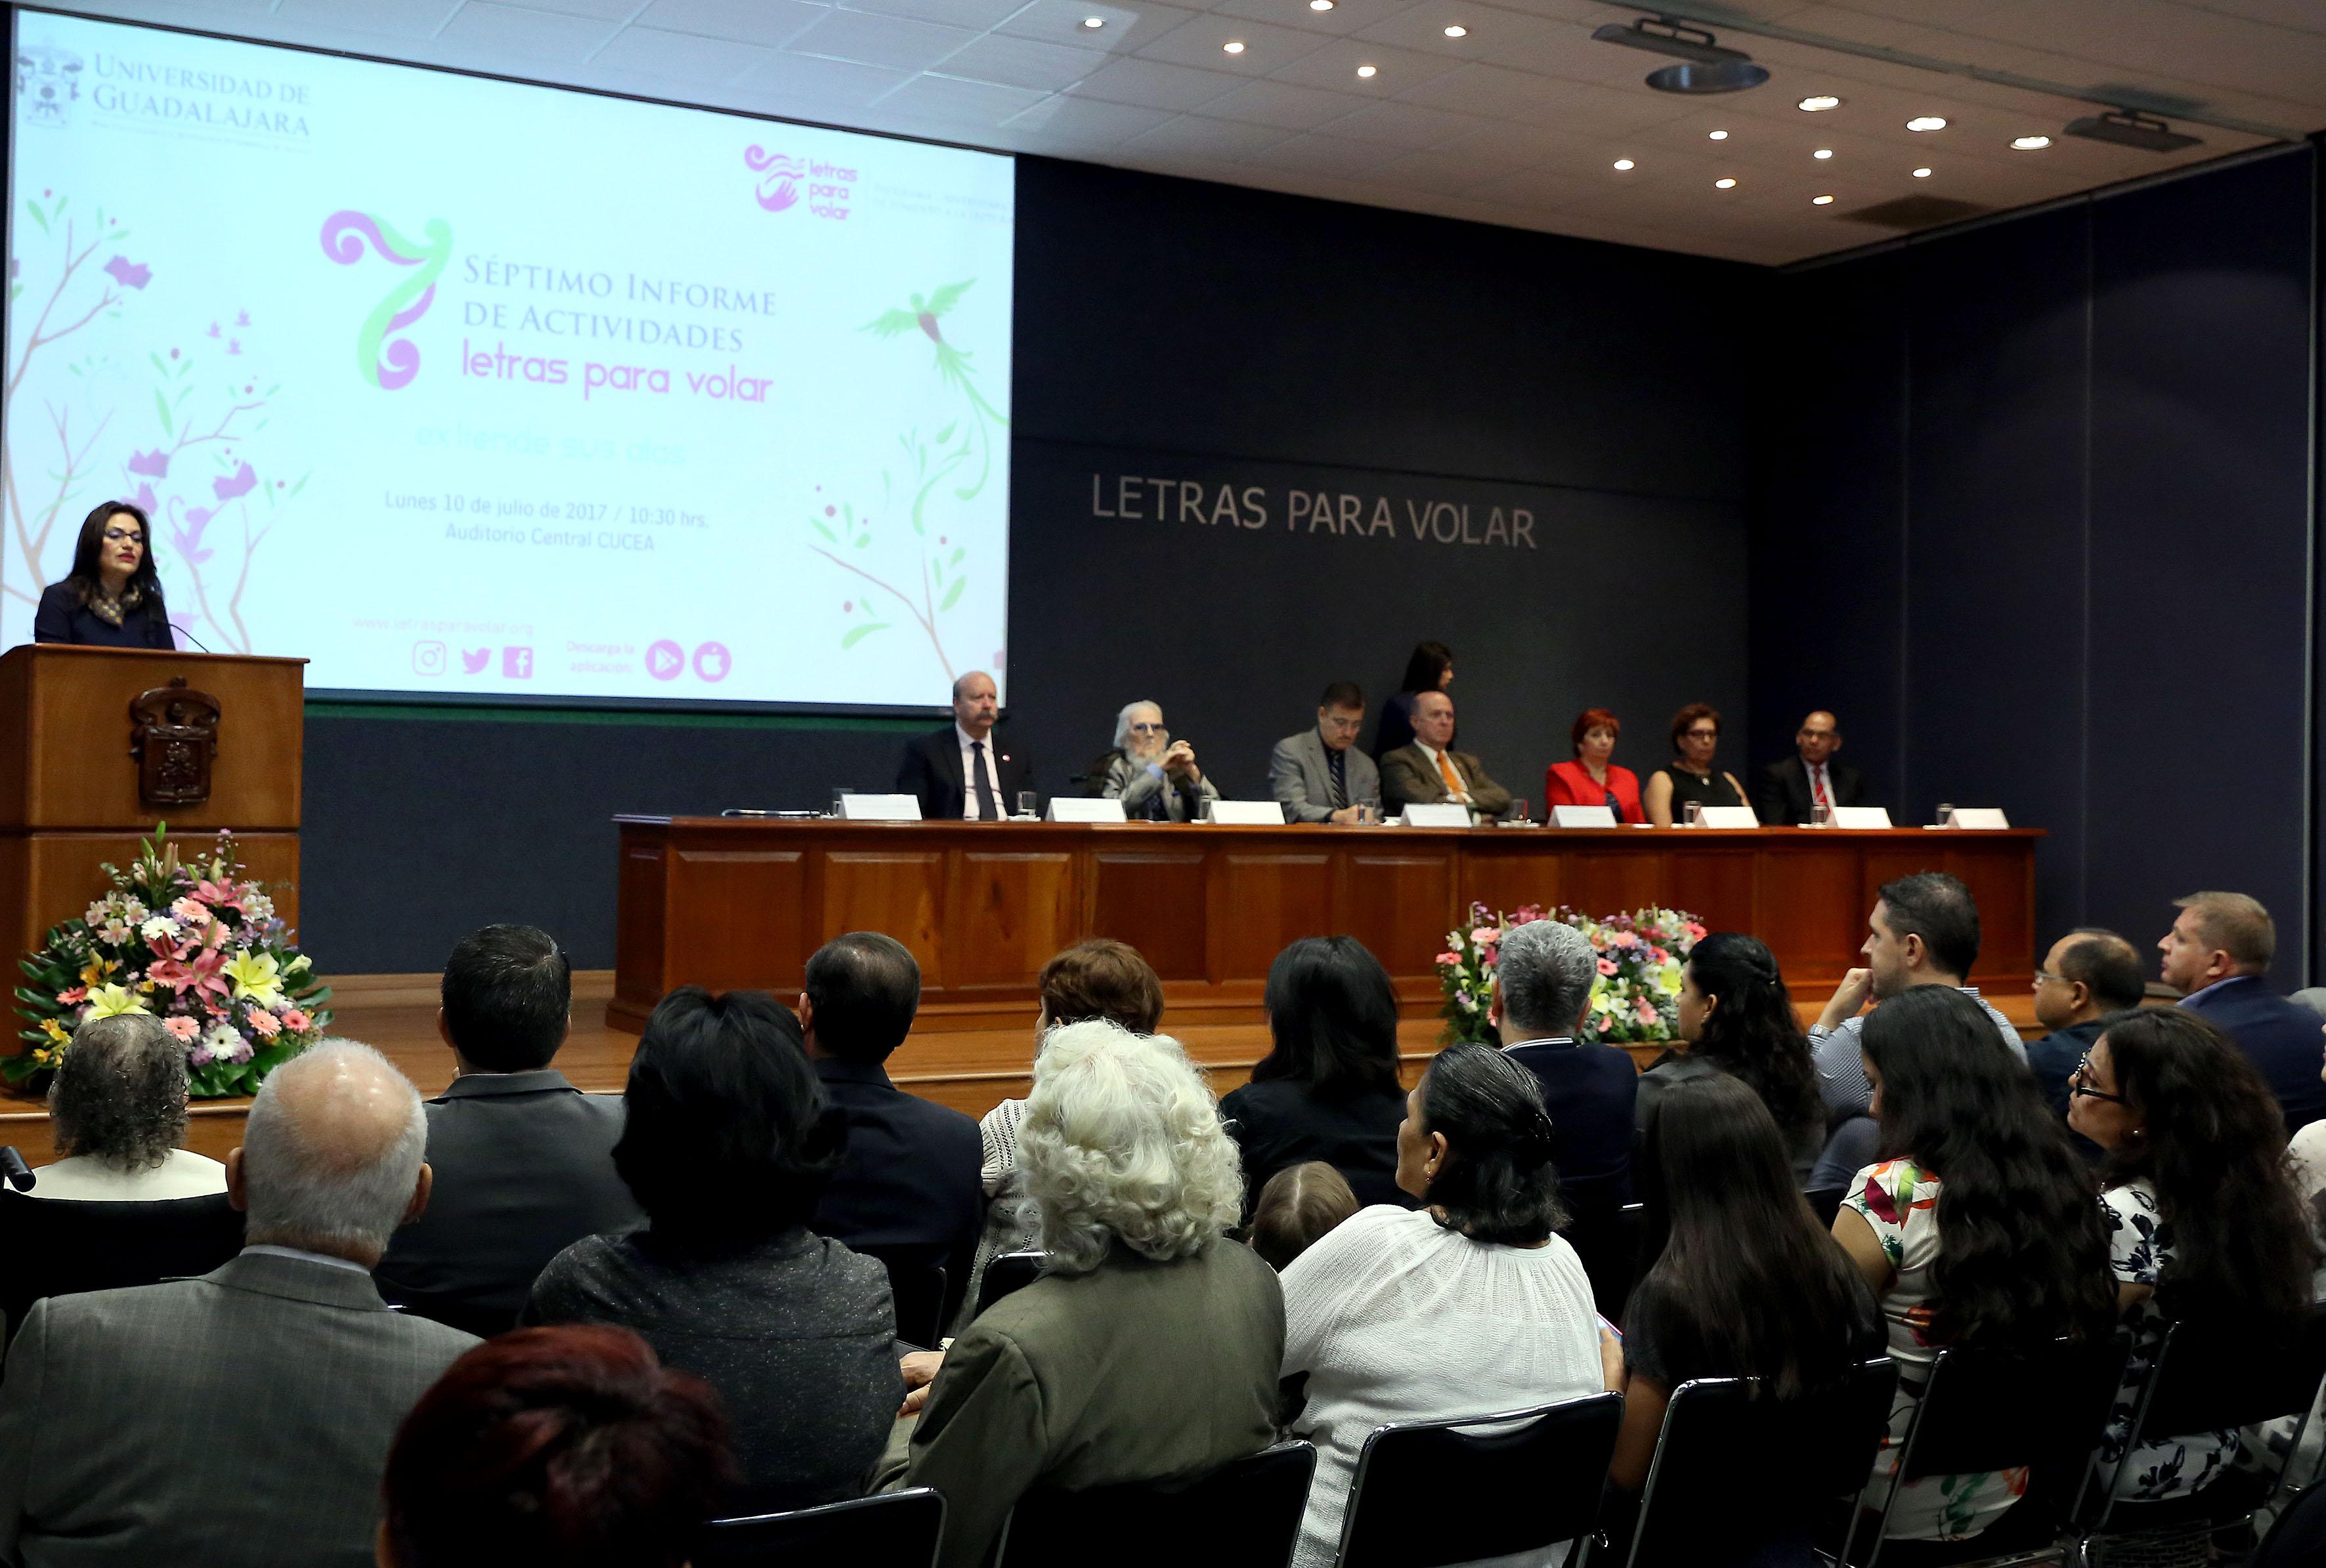 Doctora Patricia Rosa, presentando el séptimo informe de actividades del programa de promoción de la lectura de la UdeG, 2016-2017.